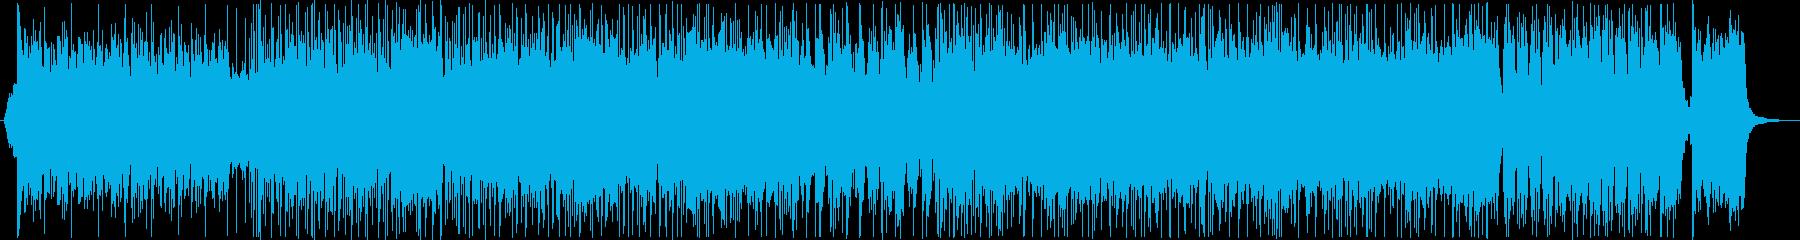 【メロディー抜き】迫力のある和風曲の再生済みの波形